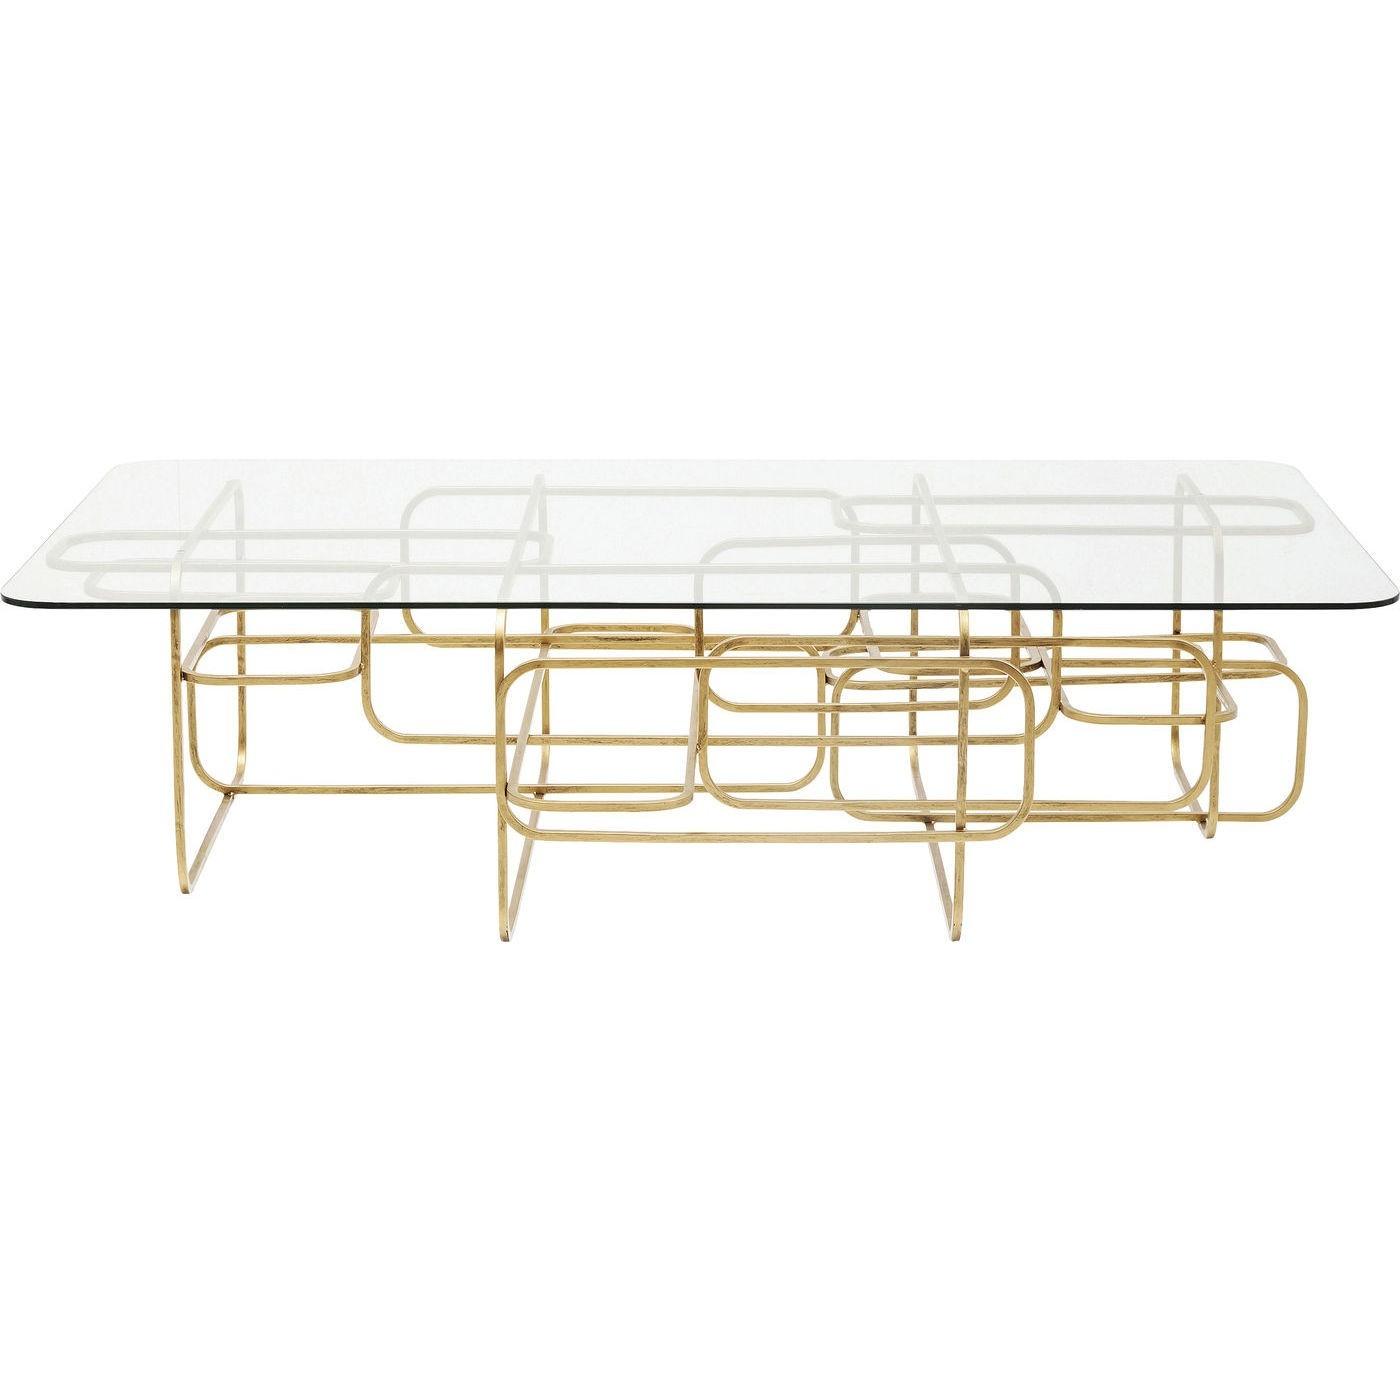 Table basse en acier doré et verre